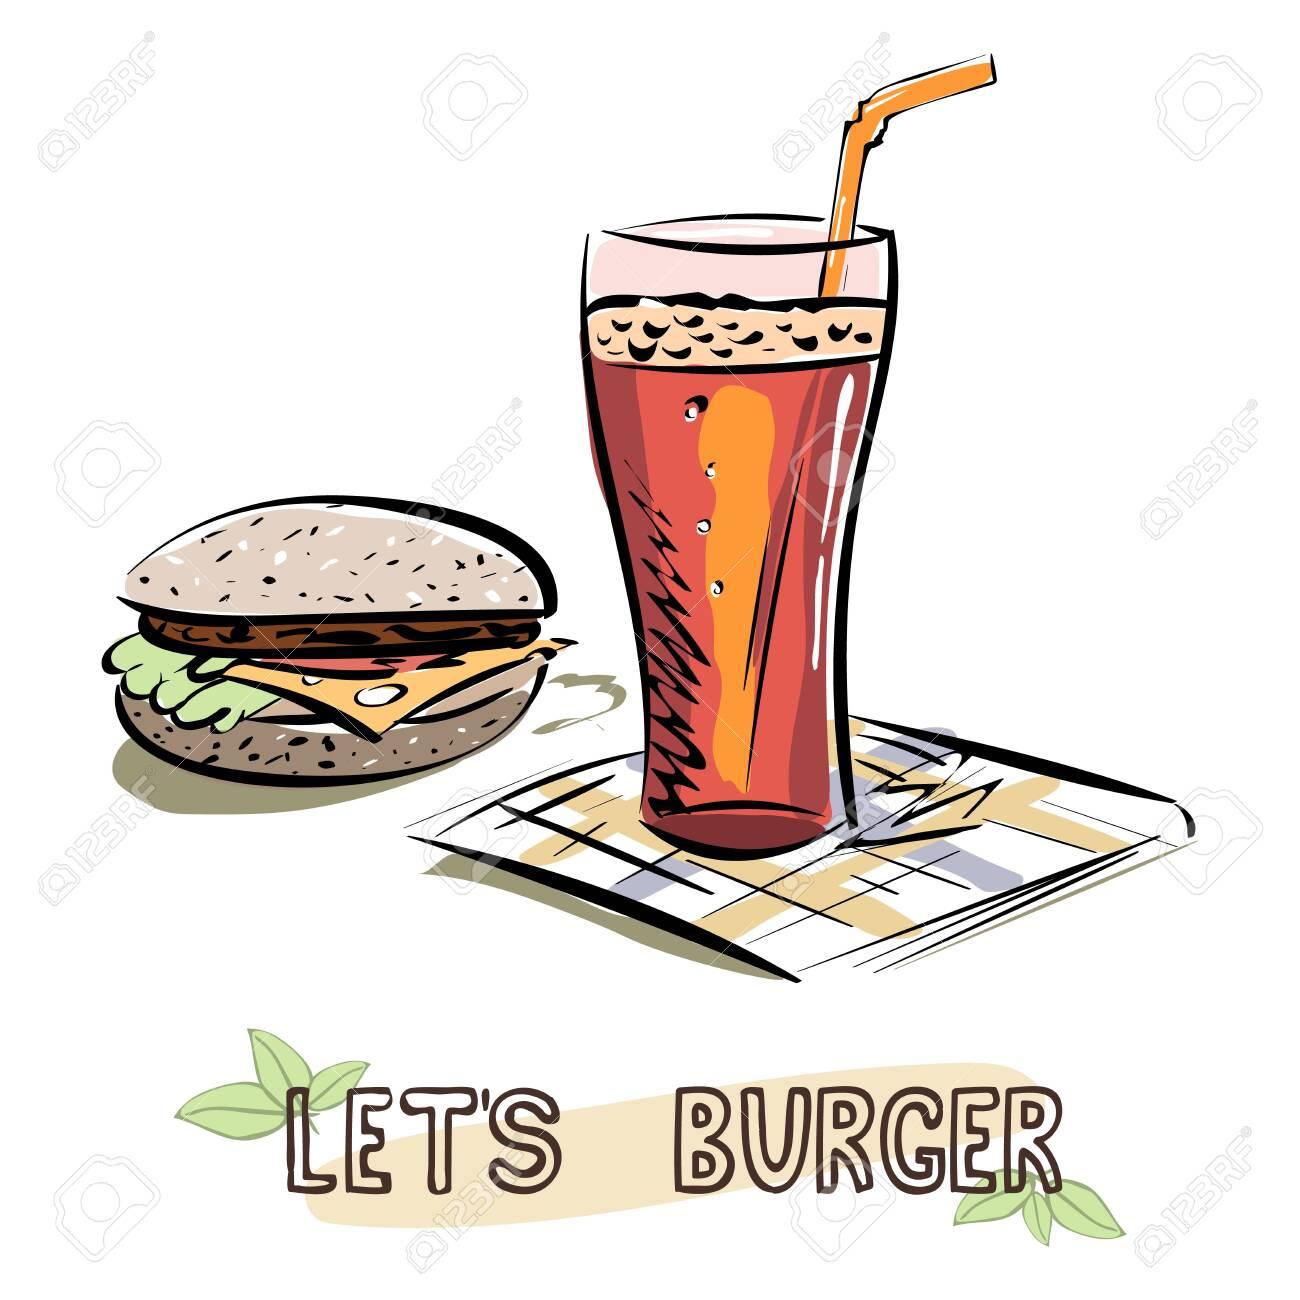 Let's Burger sketch. Burger and glass of lemonade on napkin. Vector illustration - 131846962